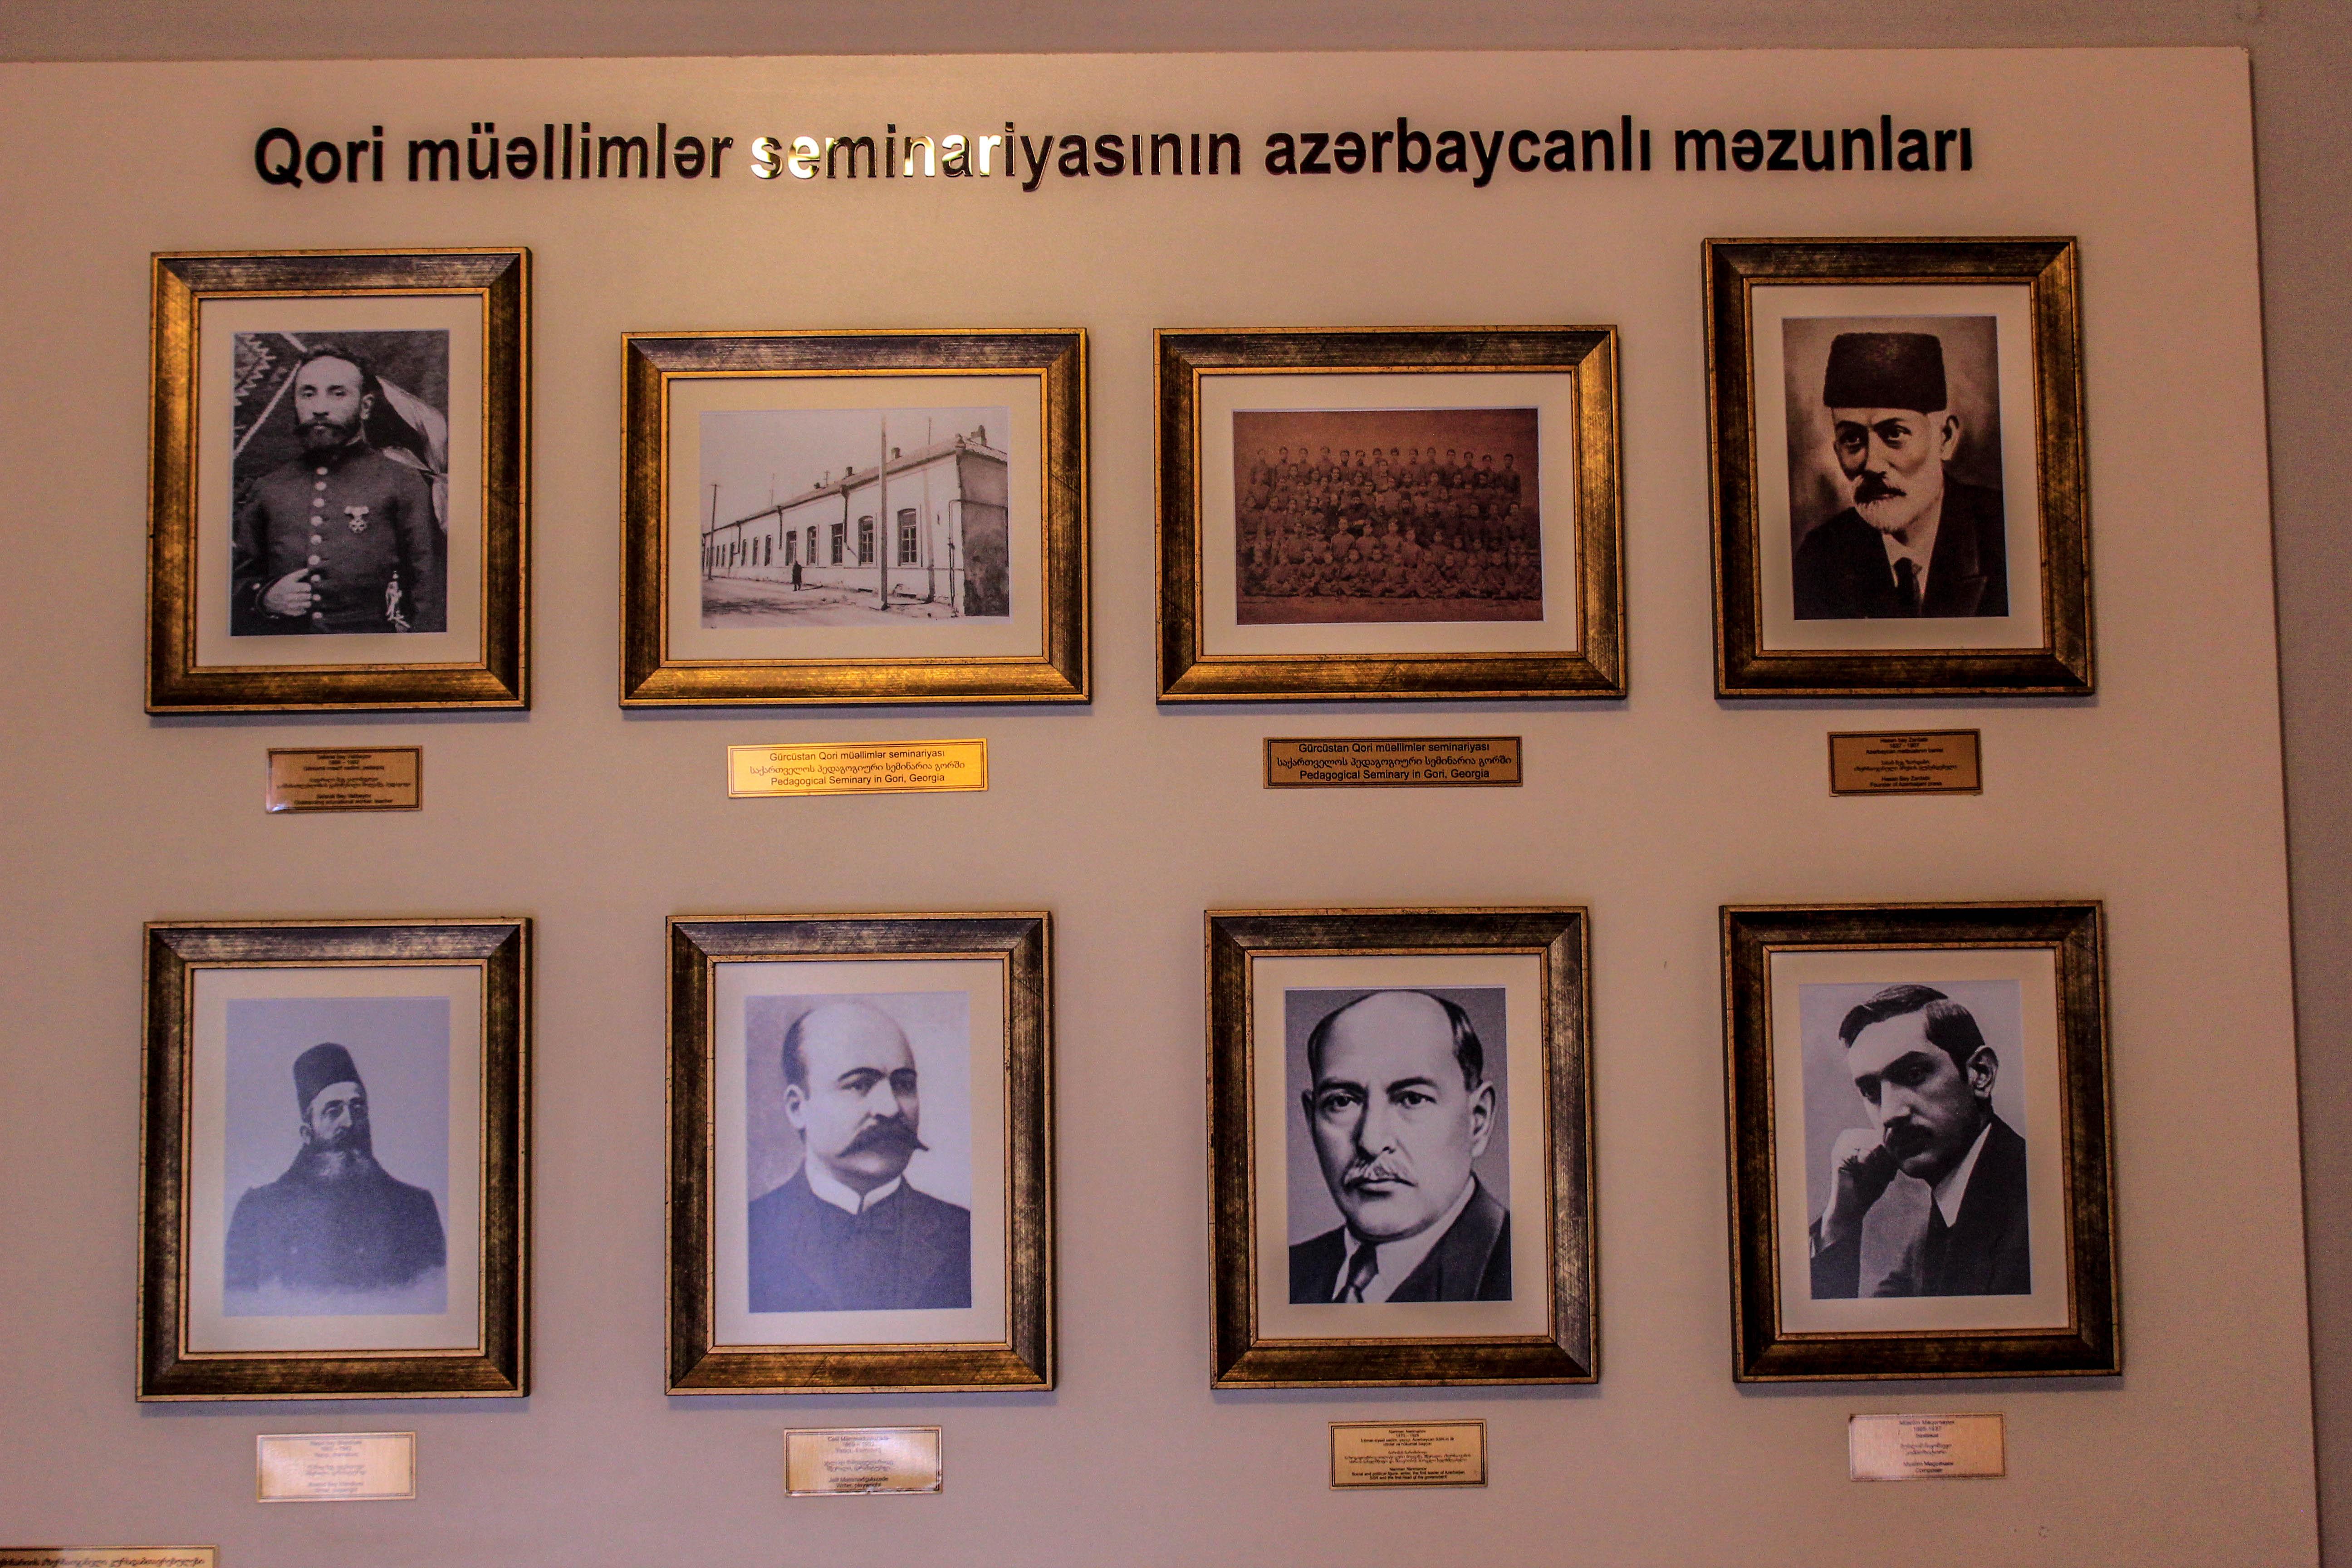 Музей Ахундова Тбилиси © masimovasif.net